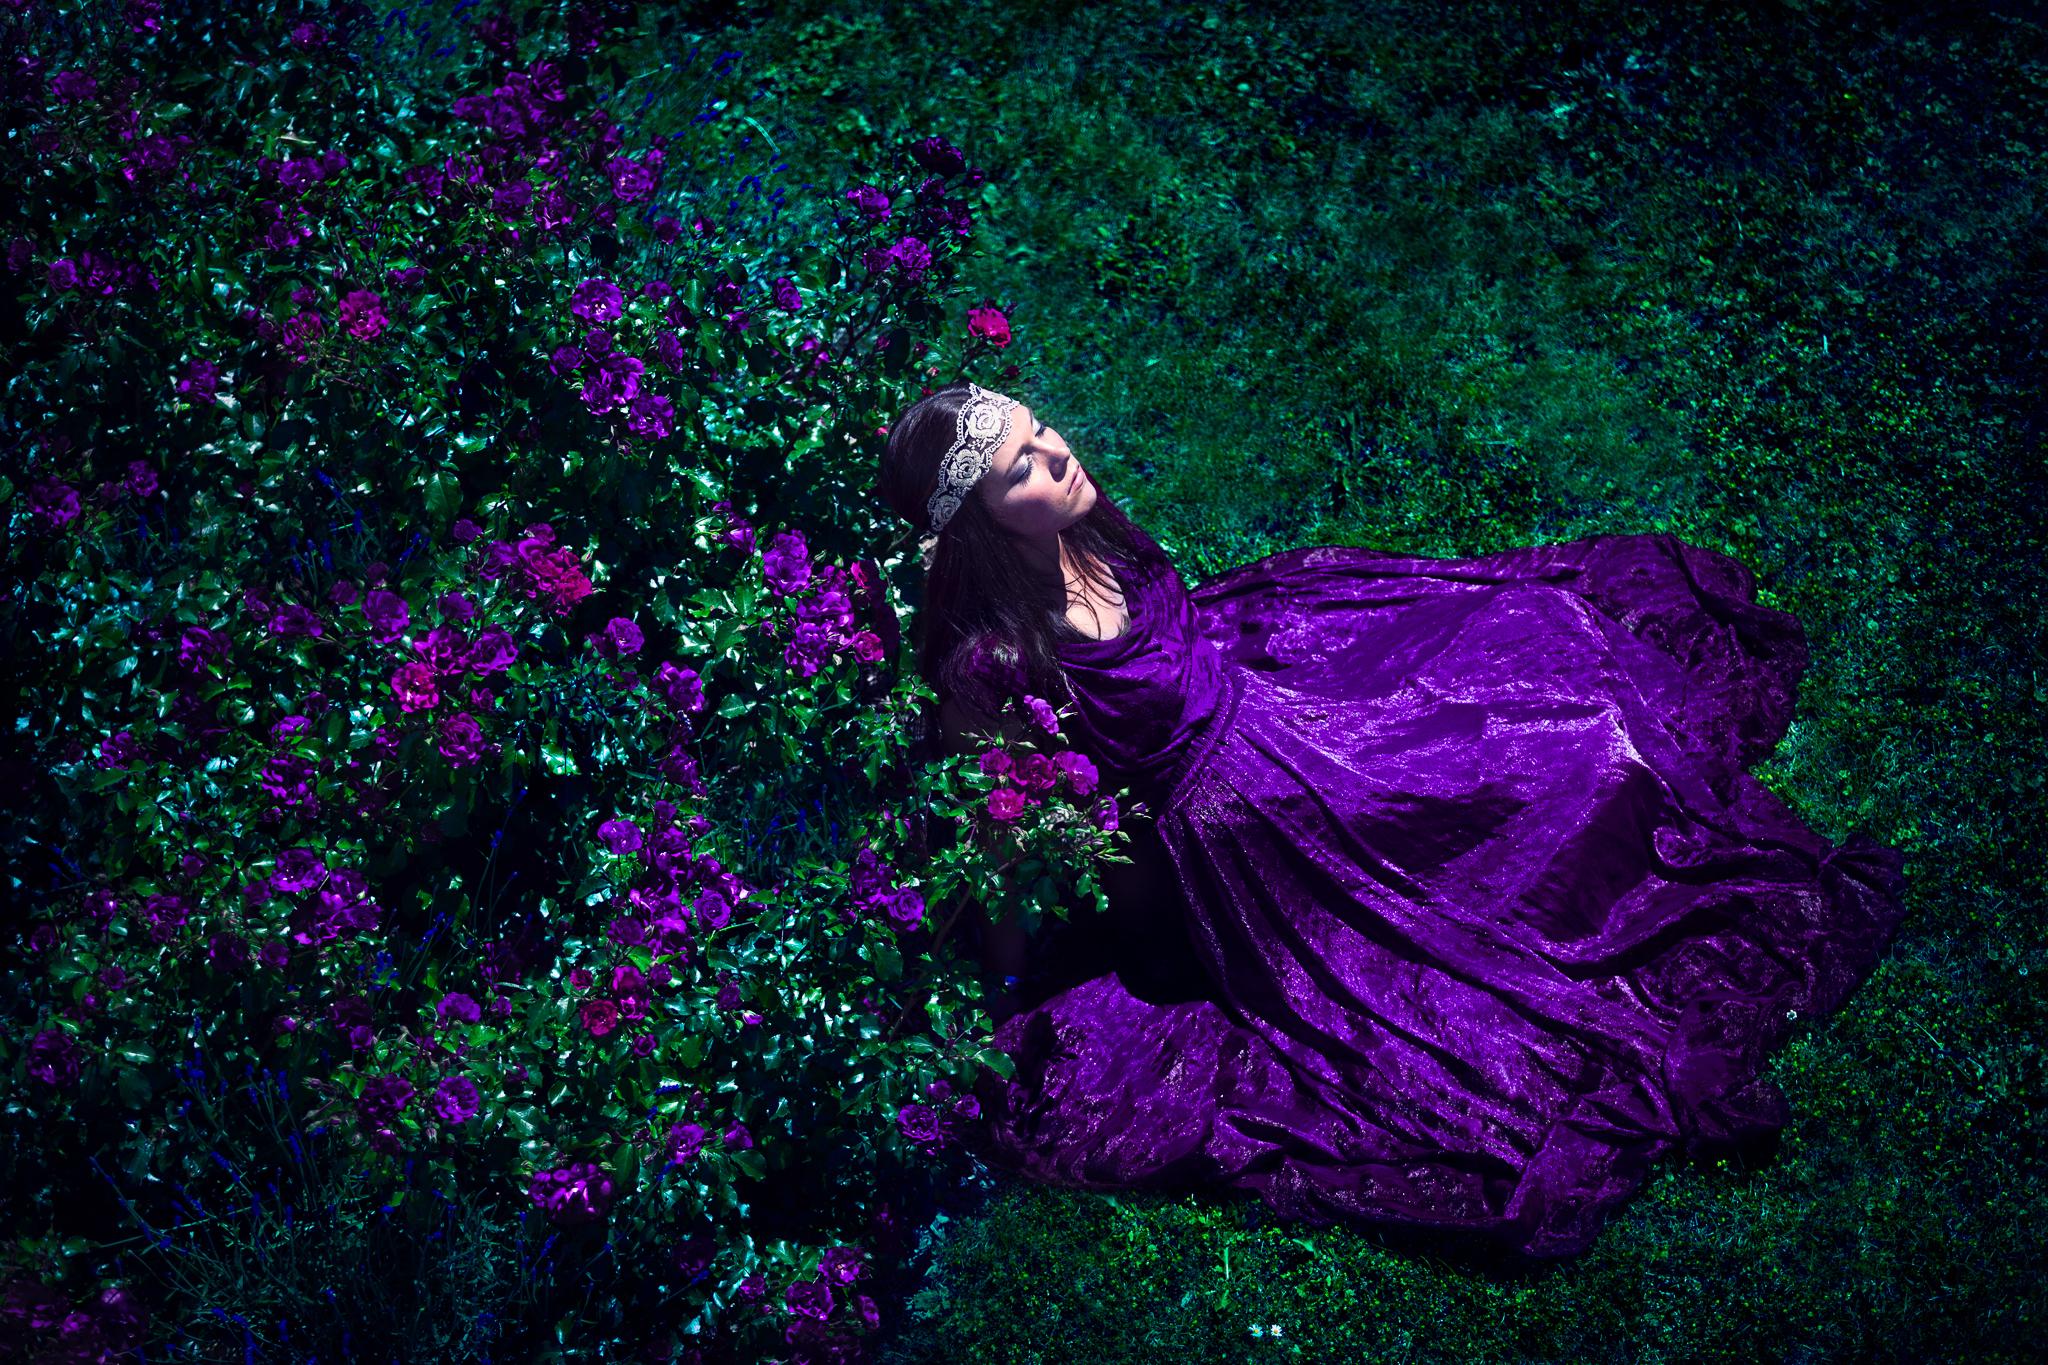 PHOTOSTREAM OLTEN #15: Fotografie von © Anna-Lena Holm, Hamburg